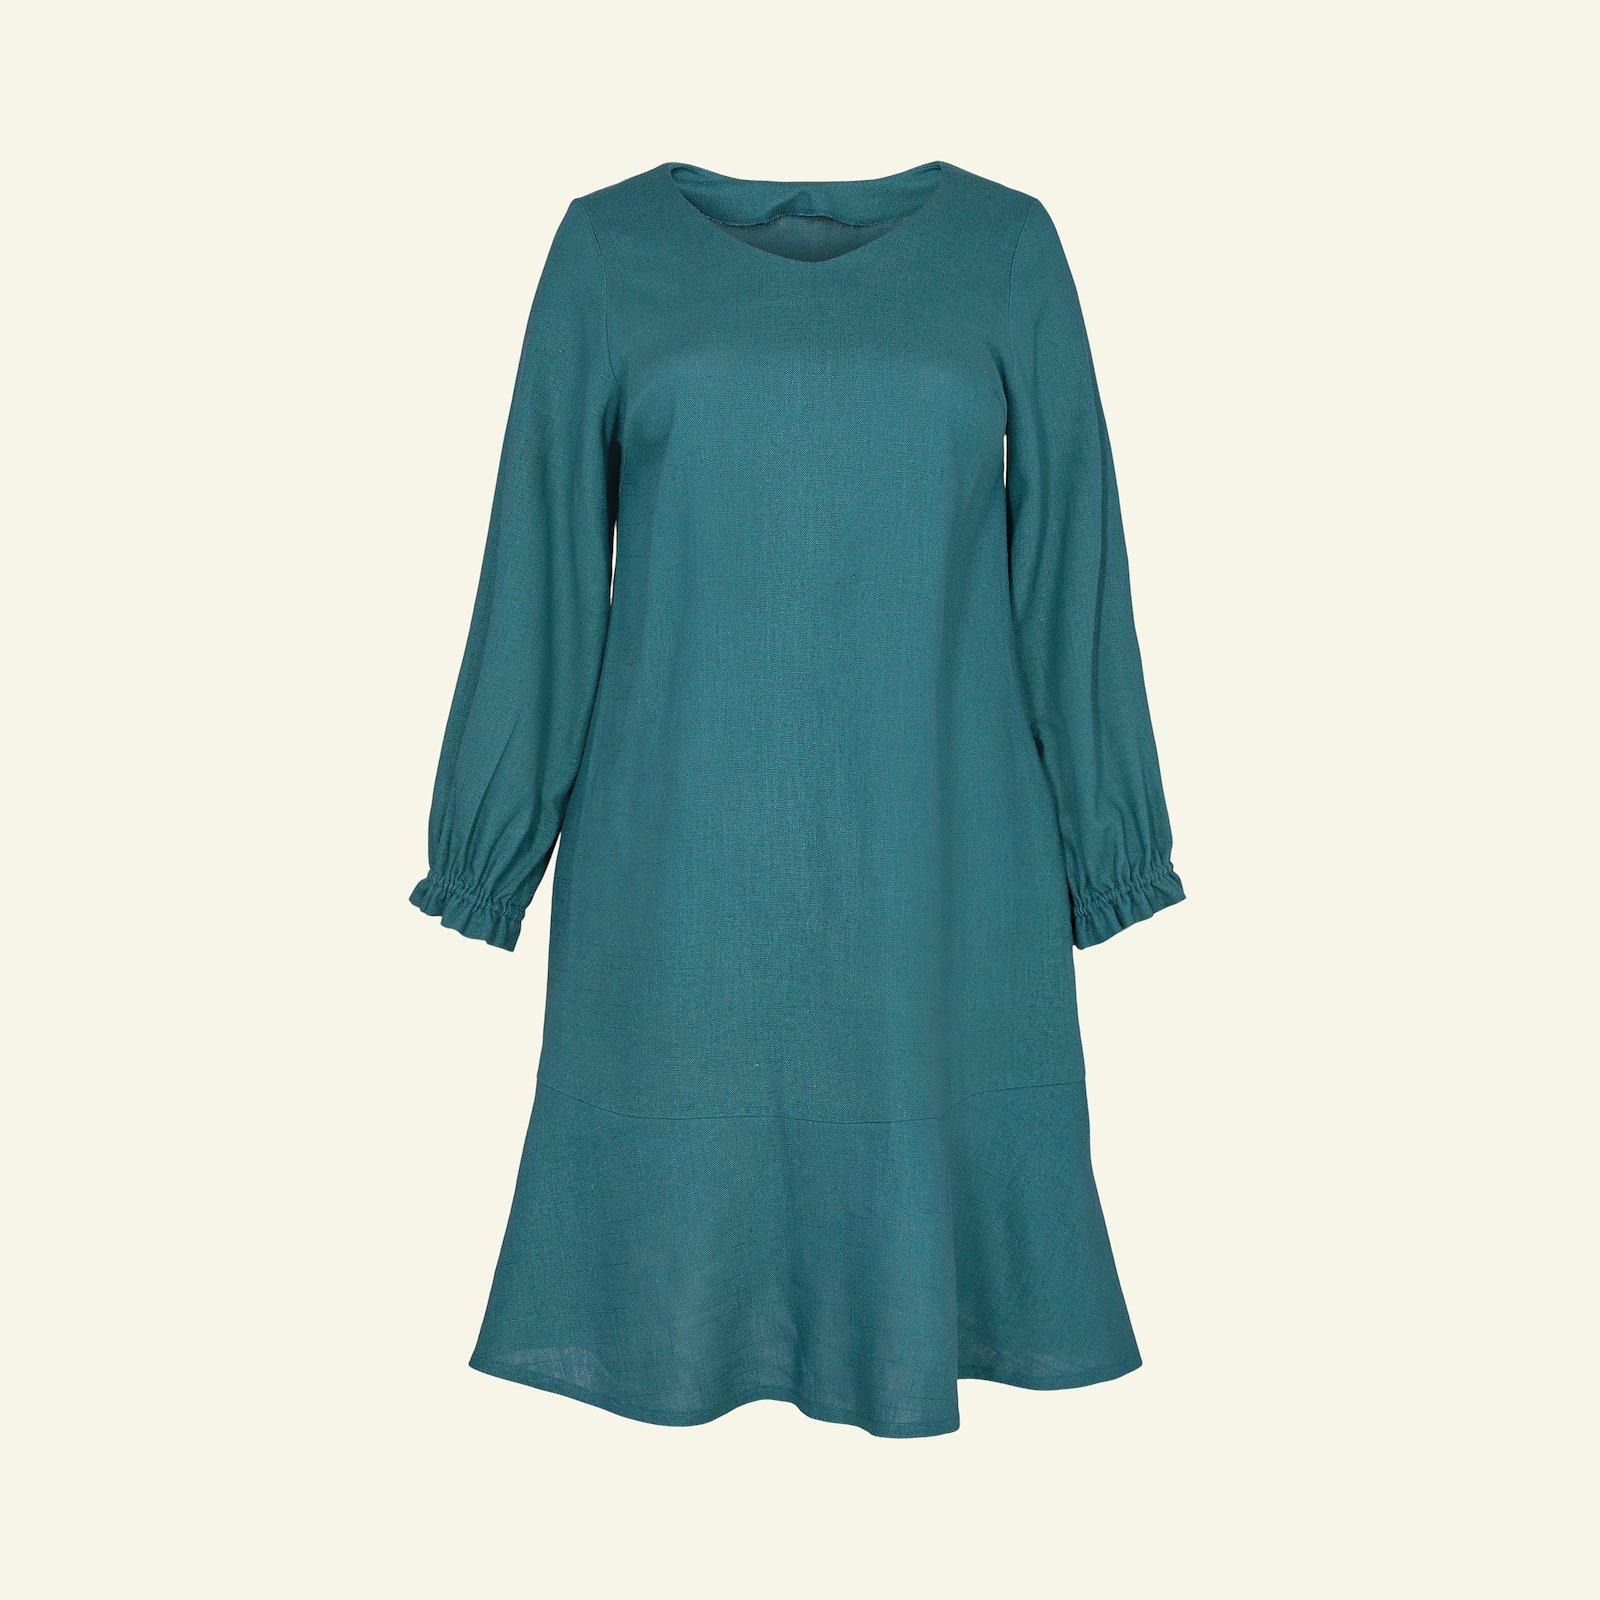 Kleid mit langen und kürzen Ärmeln p73018_410129_sskit